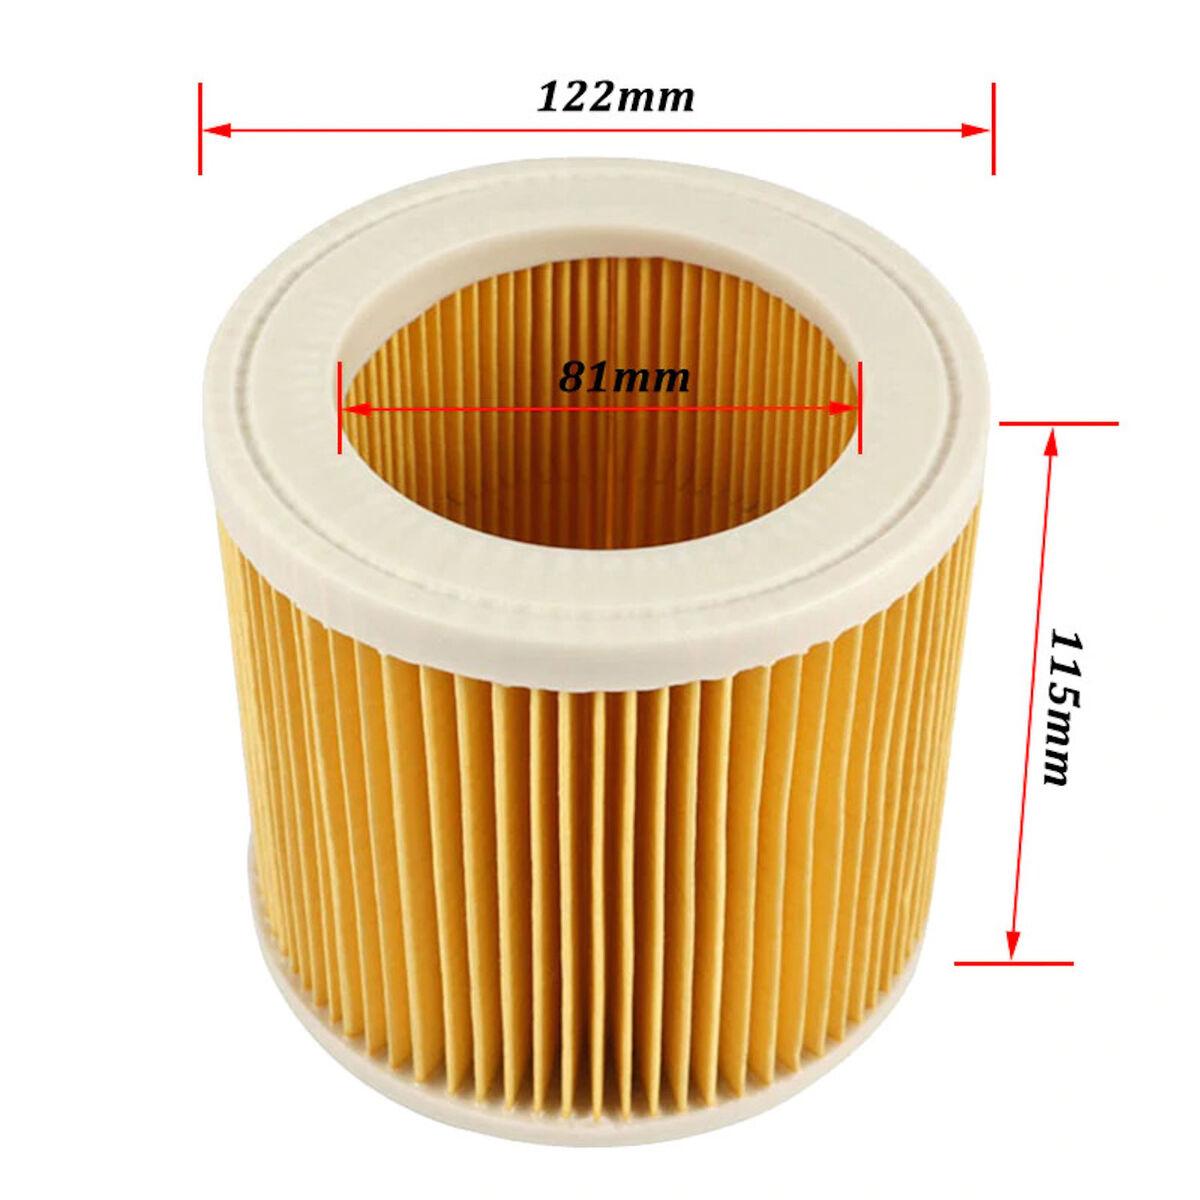 5x Patronen-Filter für Kärcher A 2054 ME 2064 PT Lamellenfilter Wechselfilter